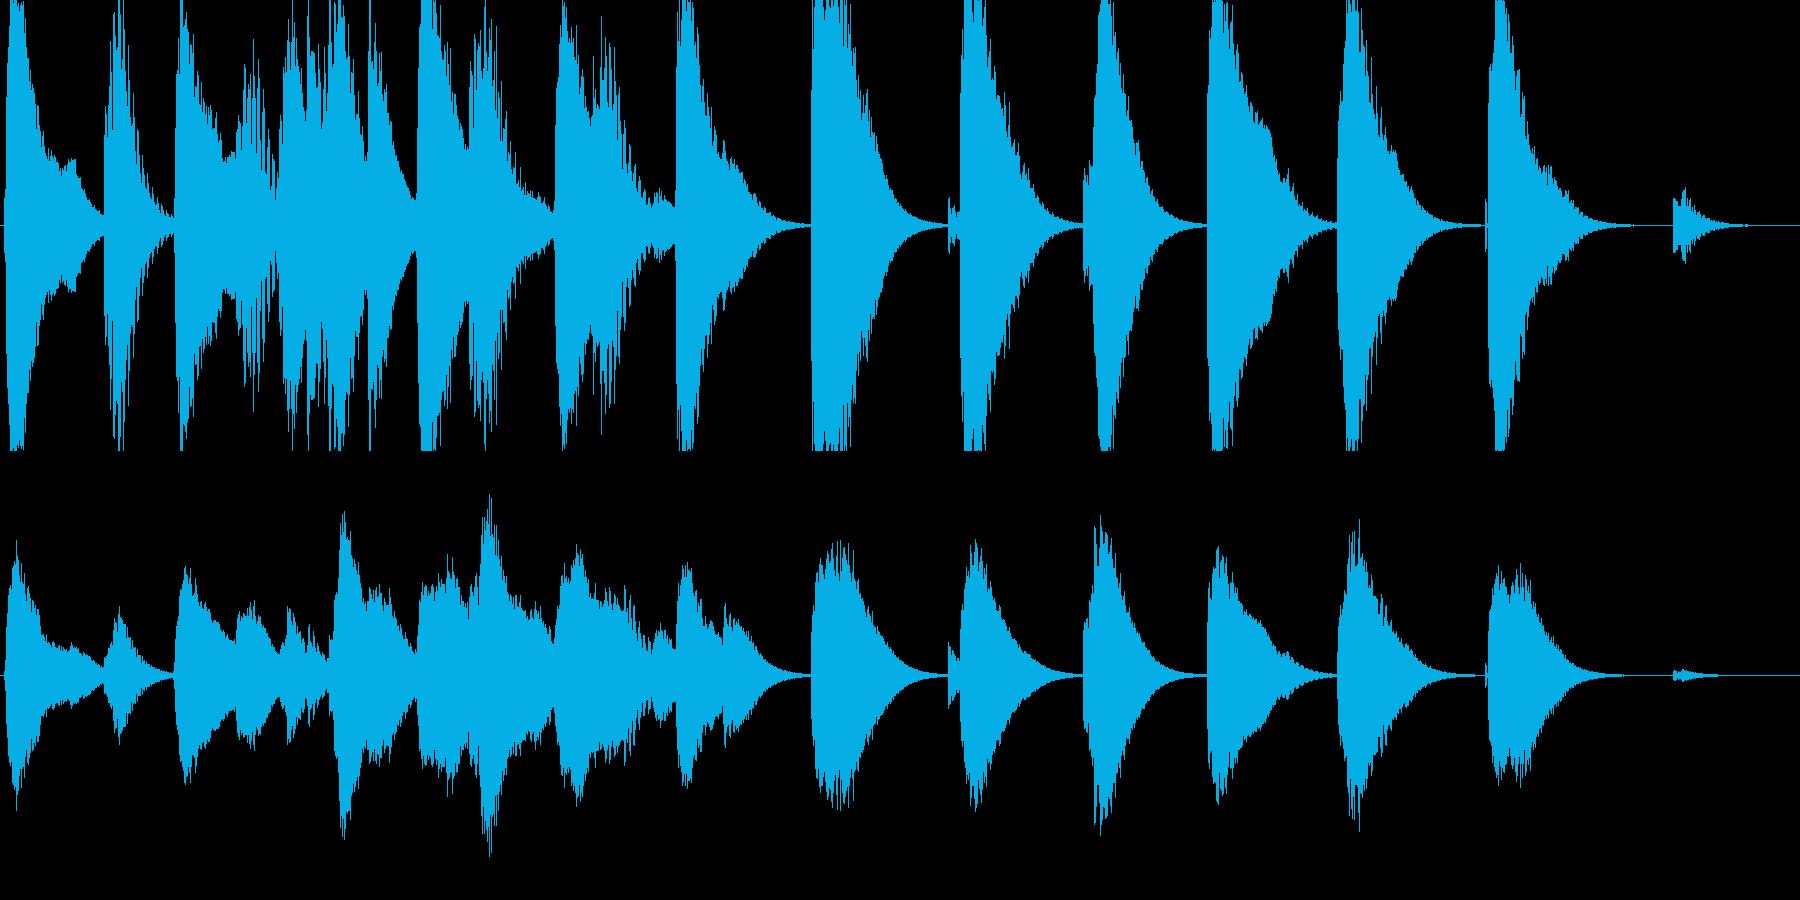 暗めの映画のシーン用に作りましたの再生済みの波形